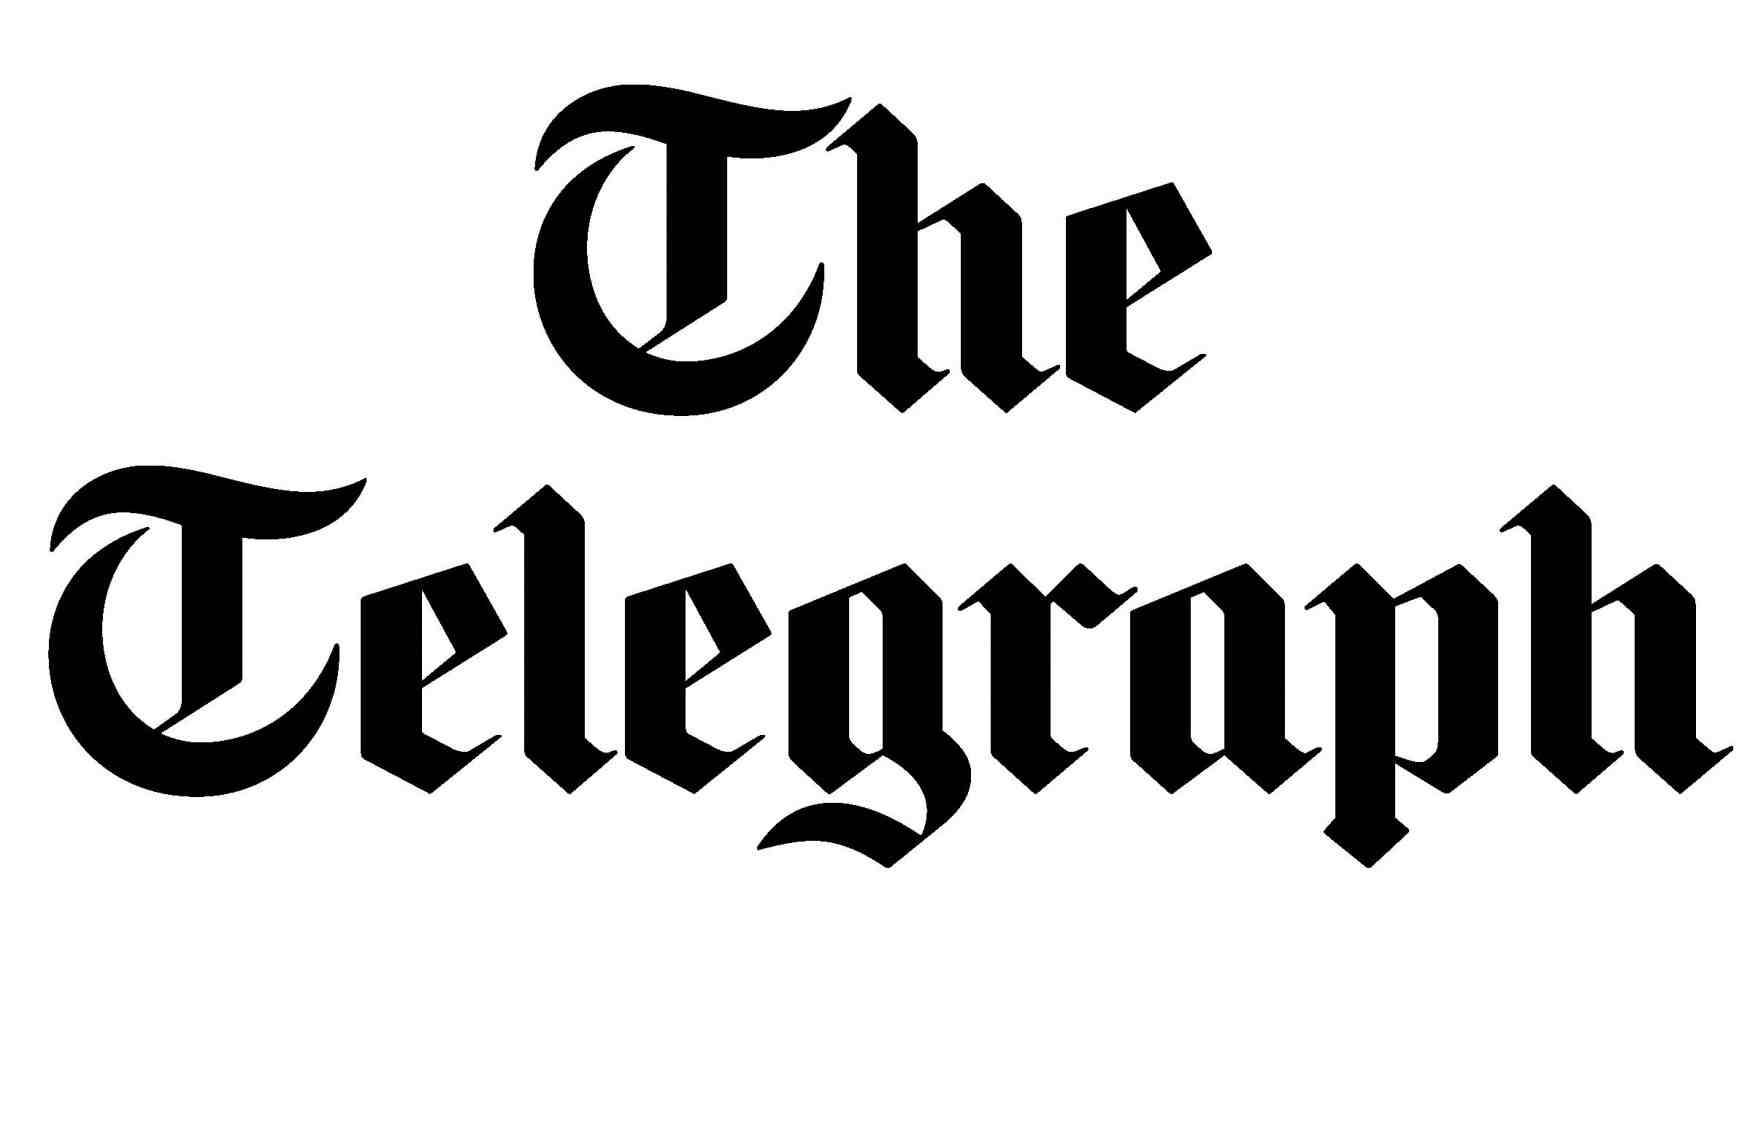 telegraph-logo-1750x1143.jpg